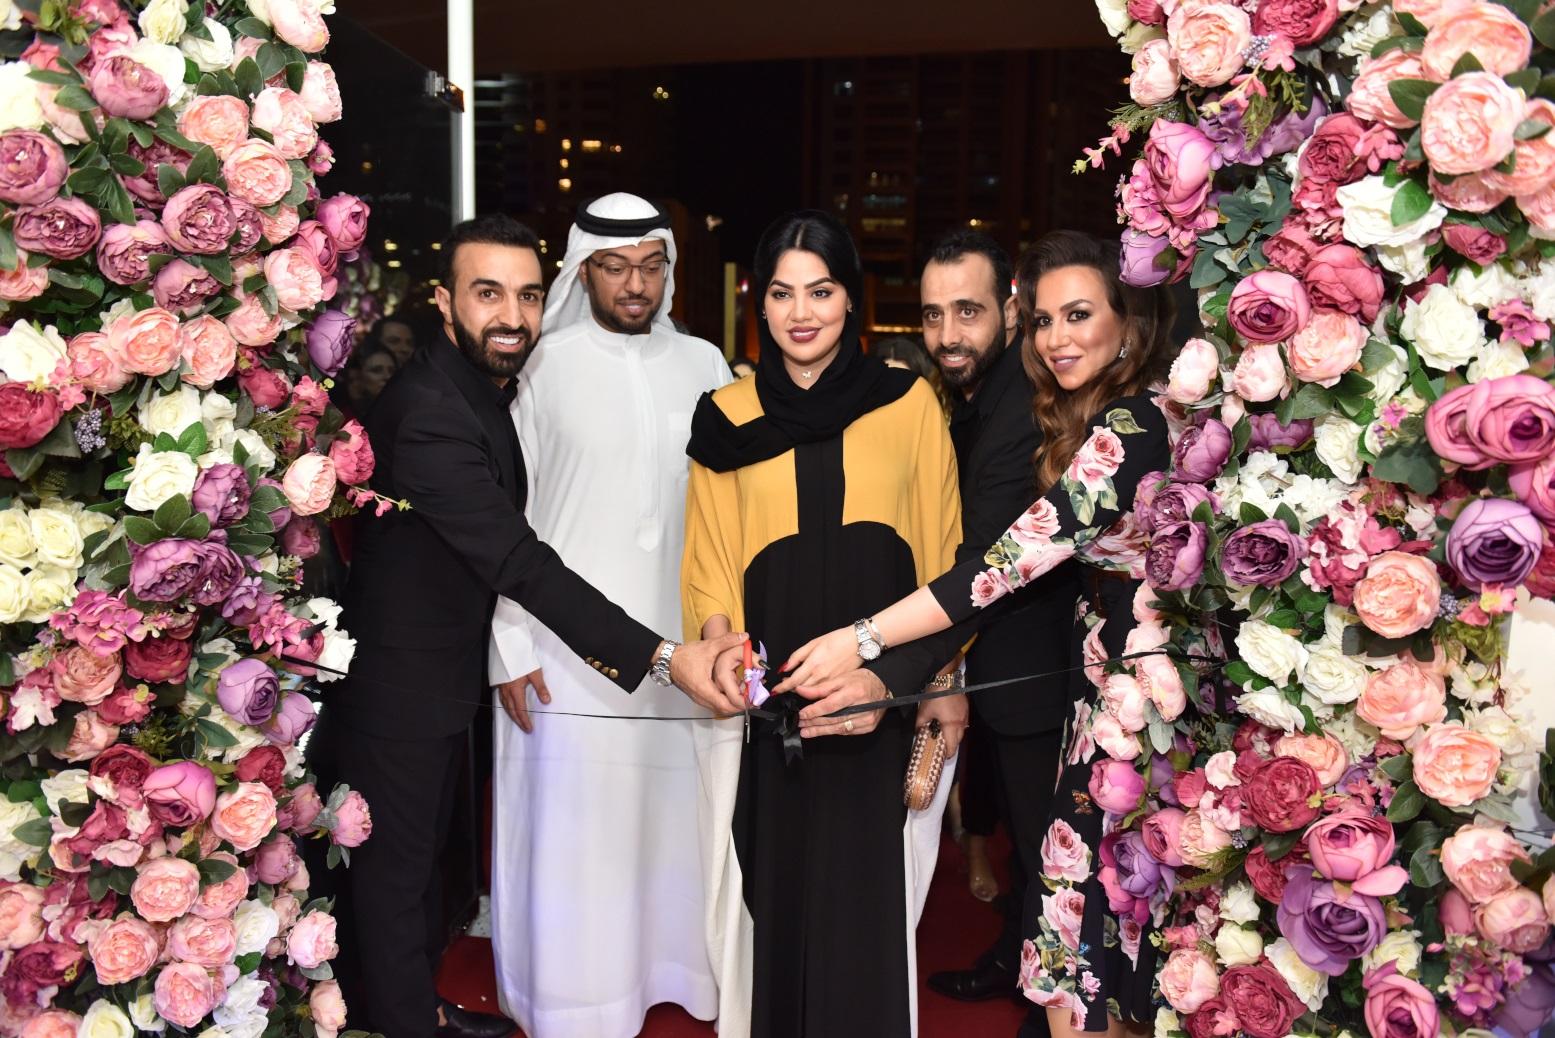 صورة نجوم الفن والجمال والاعلام في افتتاح صالون لورانس في دبي